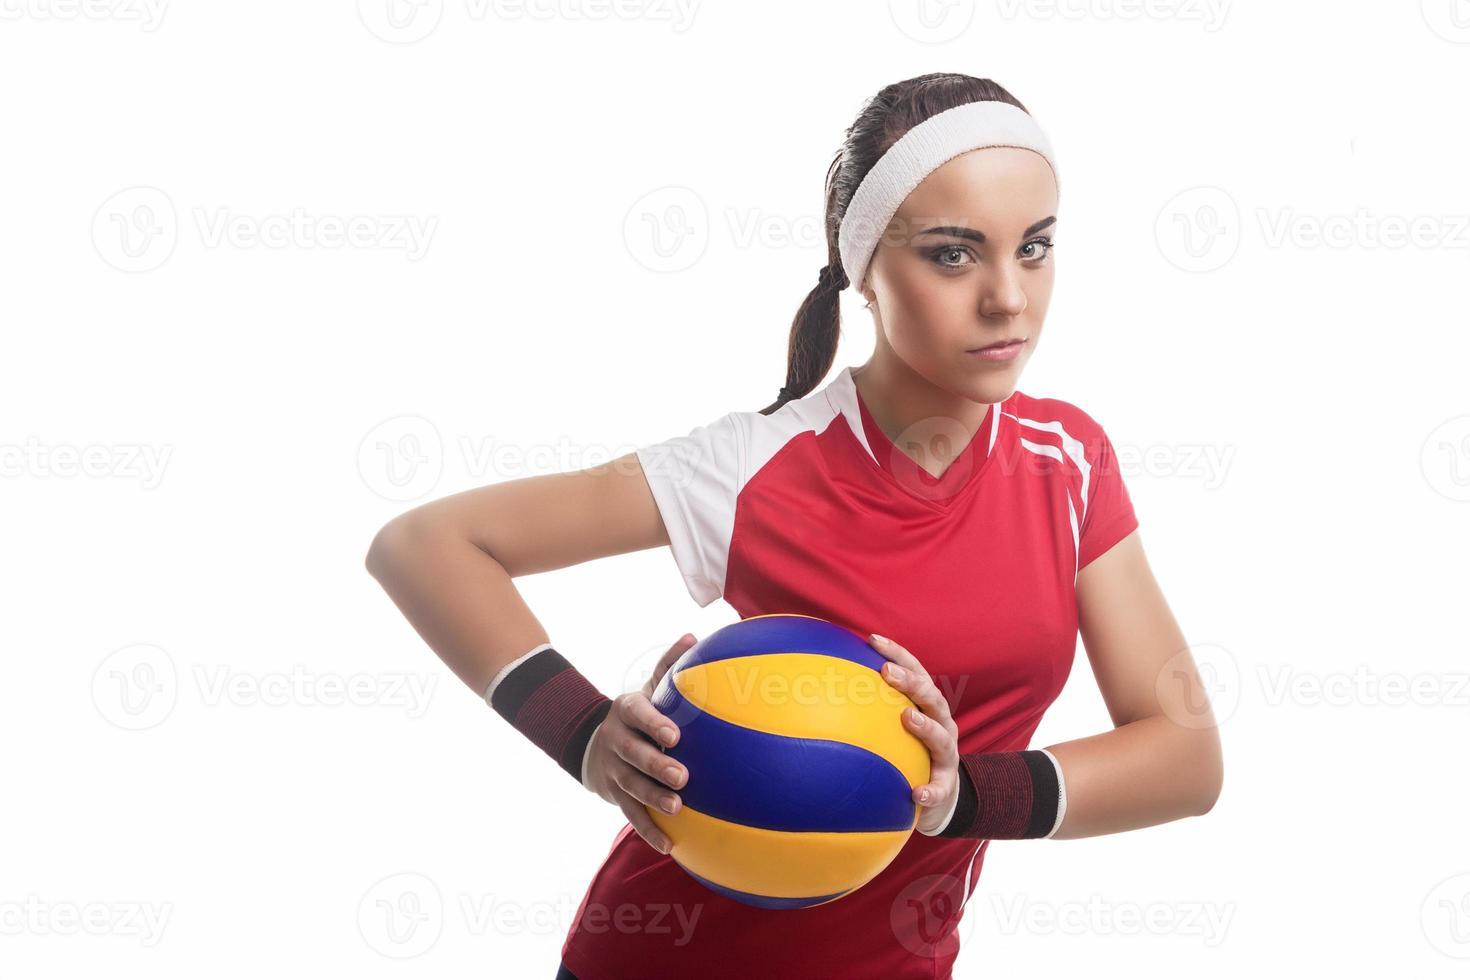 willensstarke kaukasische professionelle Volleyballspielerin im Volleyball-Outfit foto